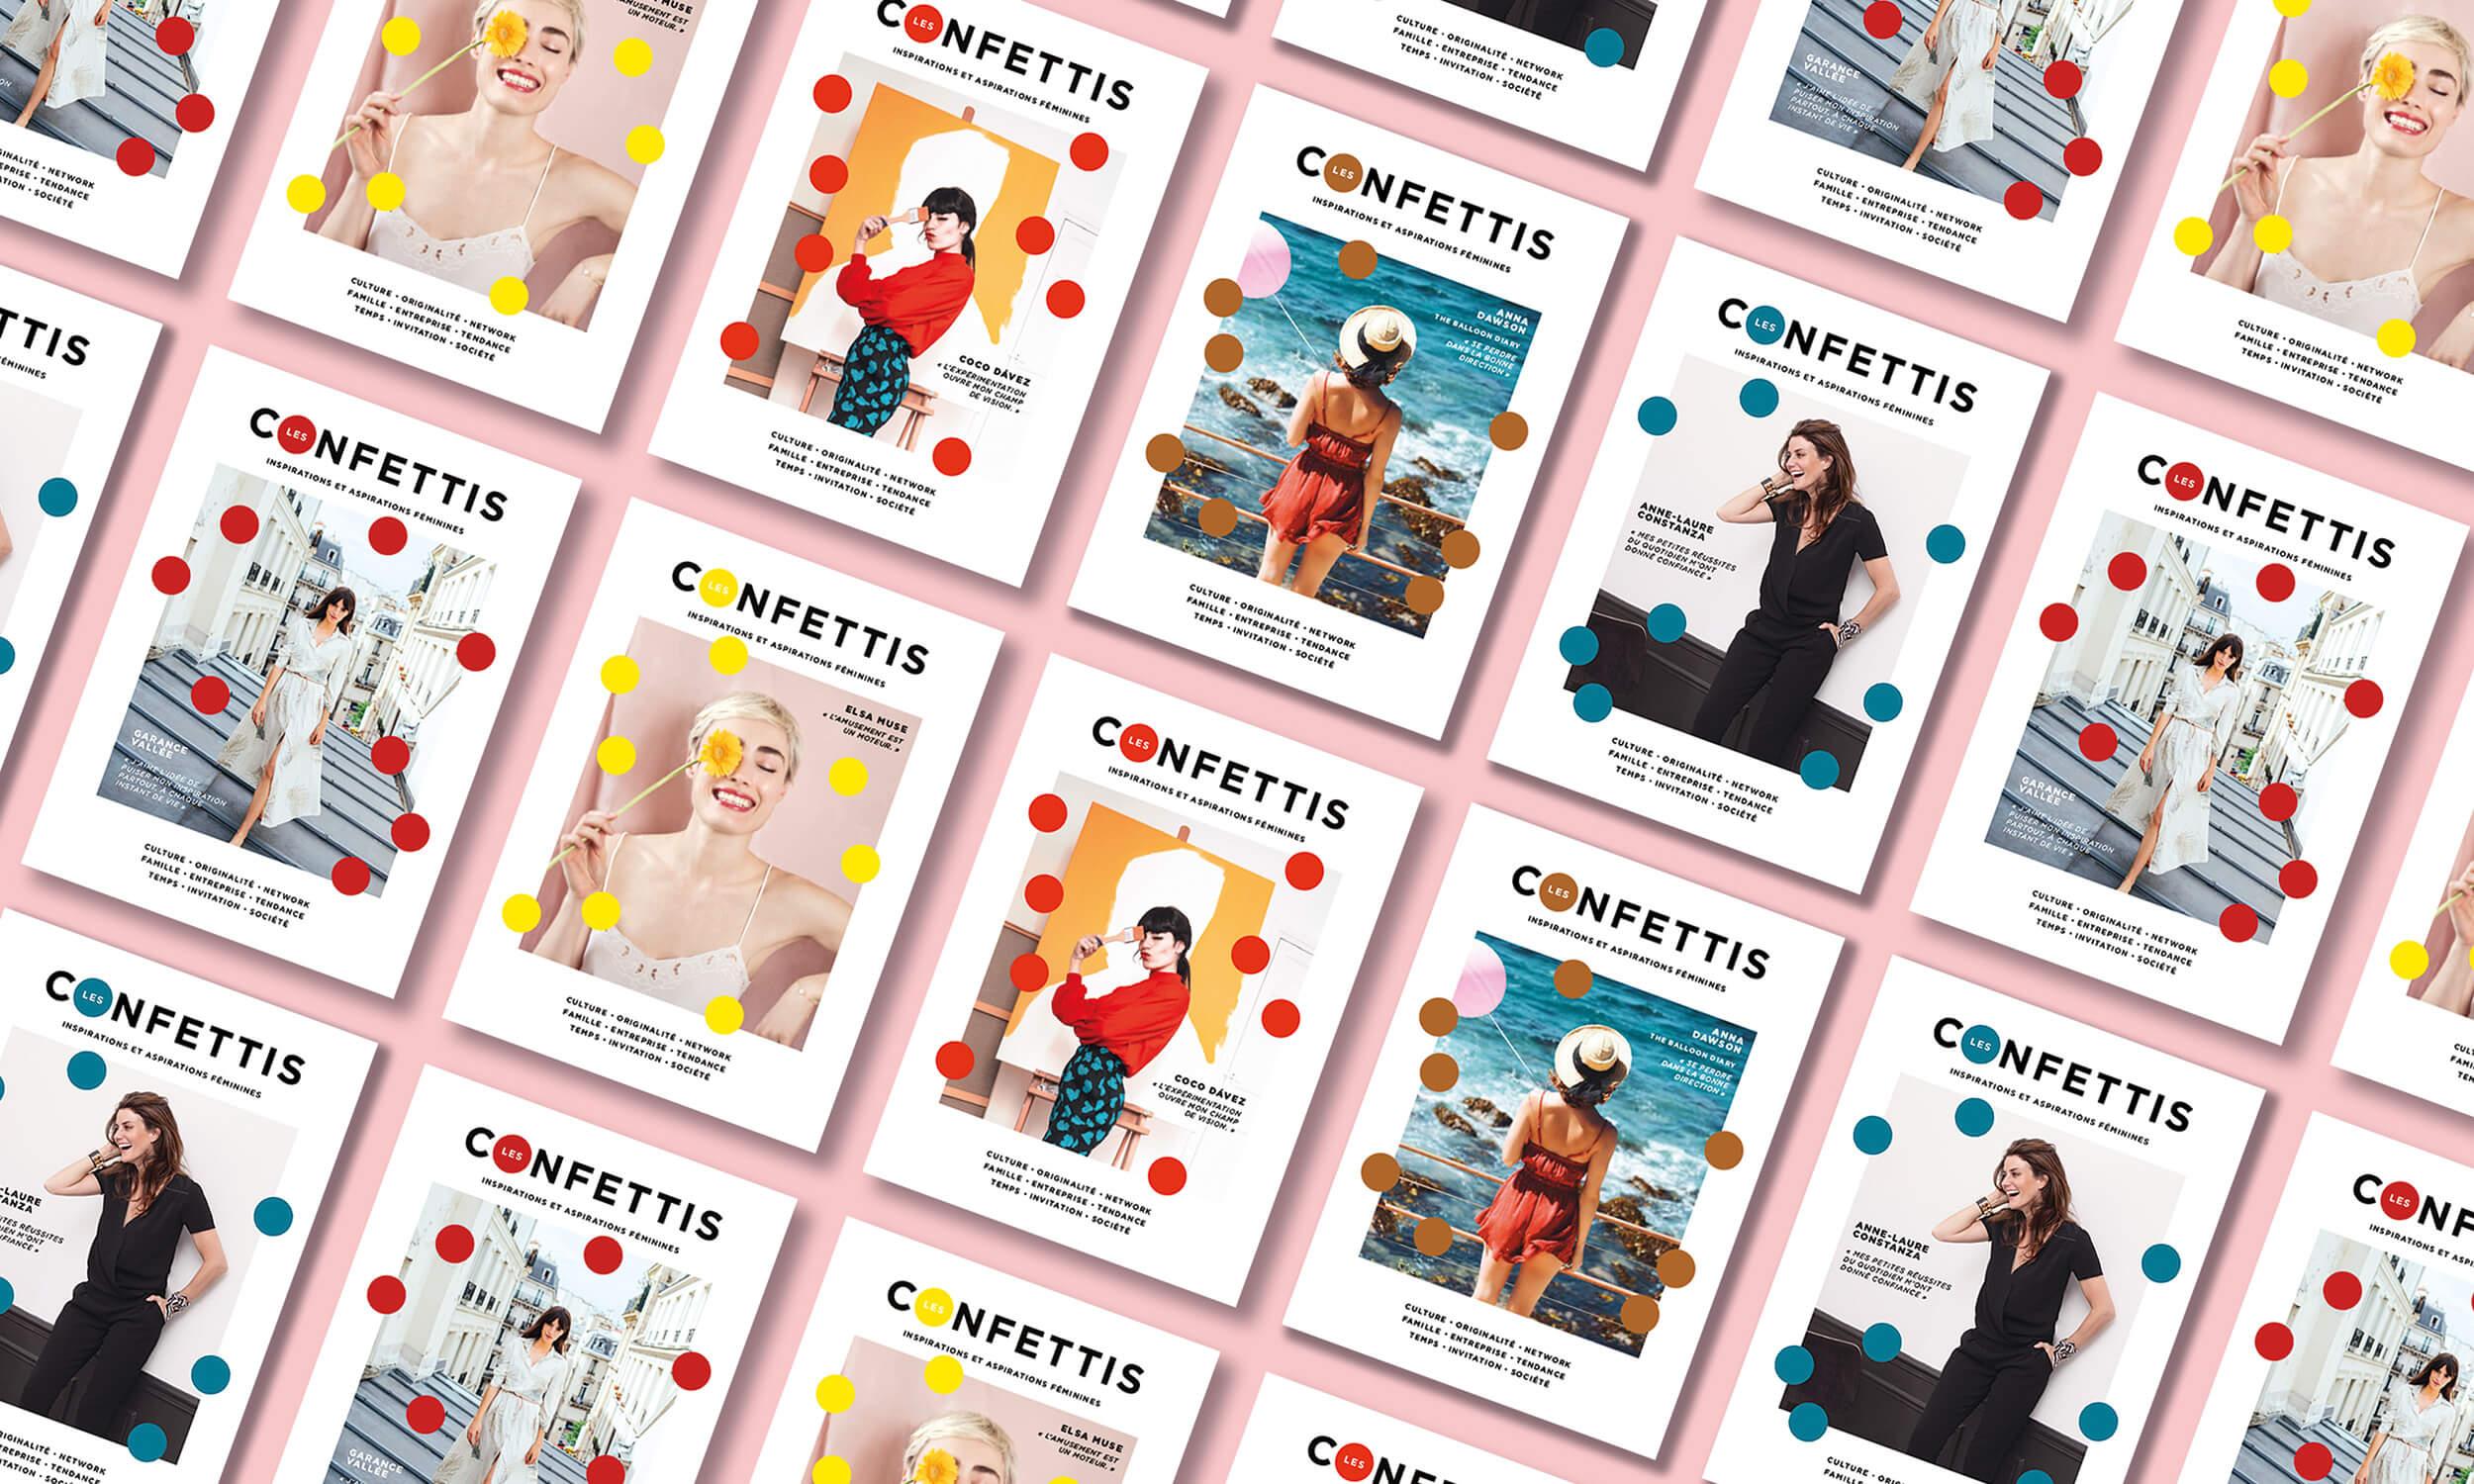 revue feminine les confettis